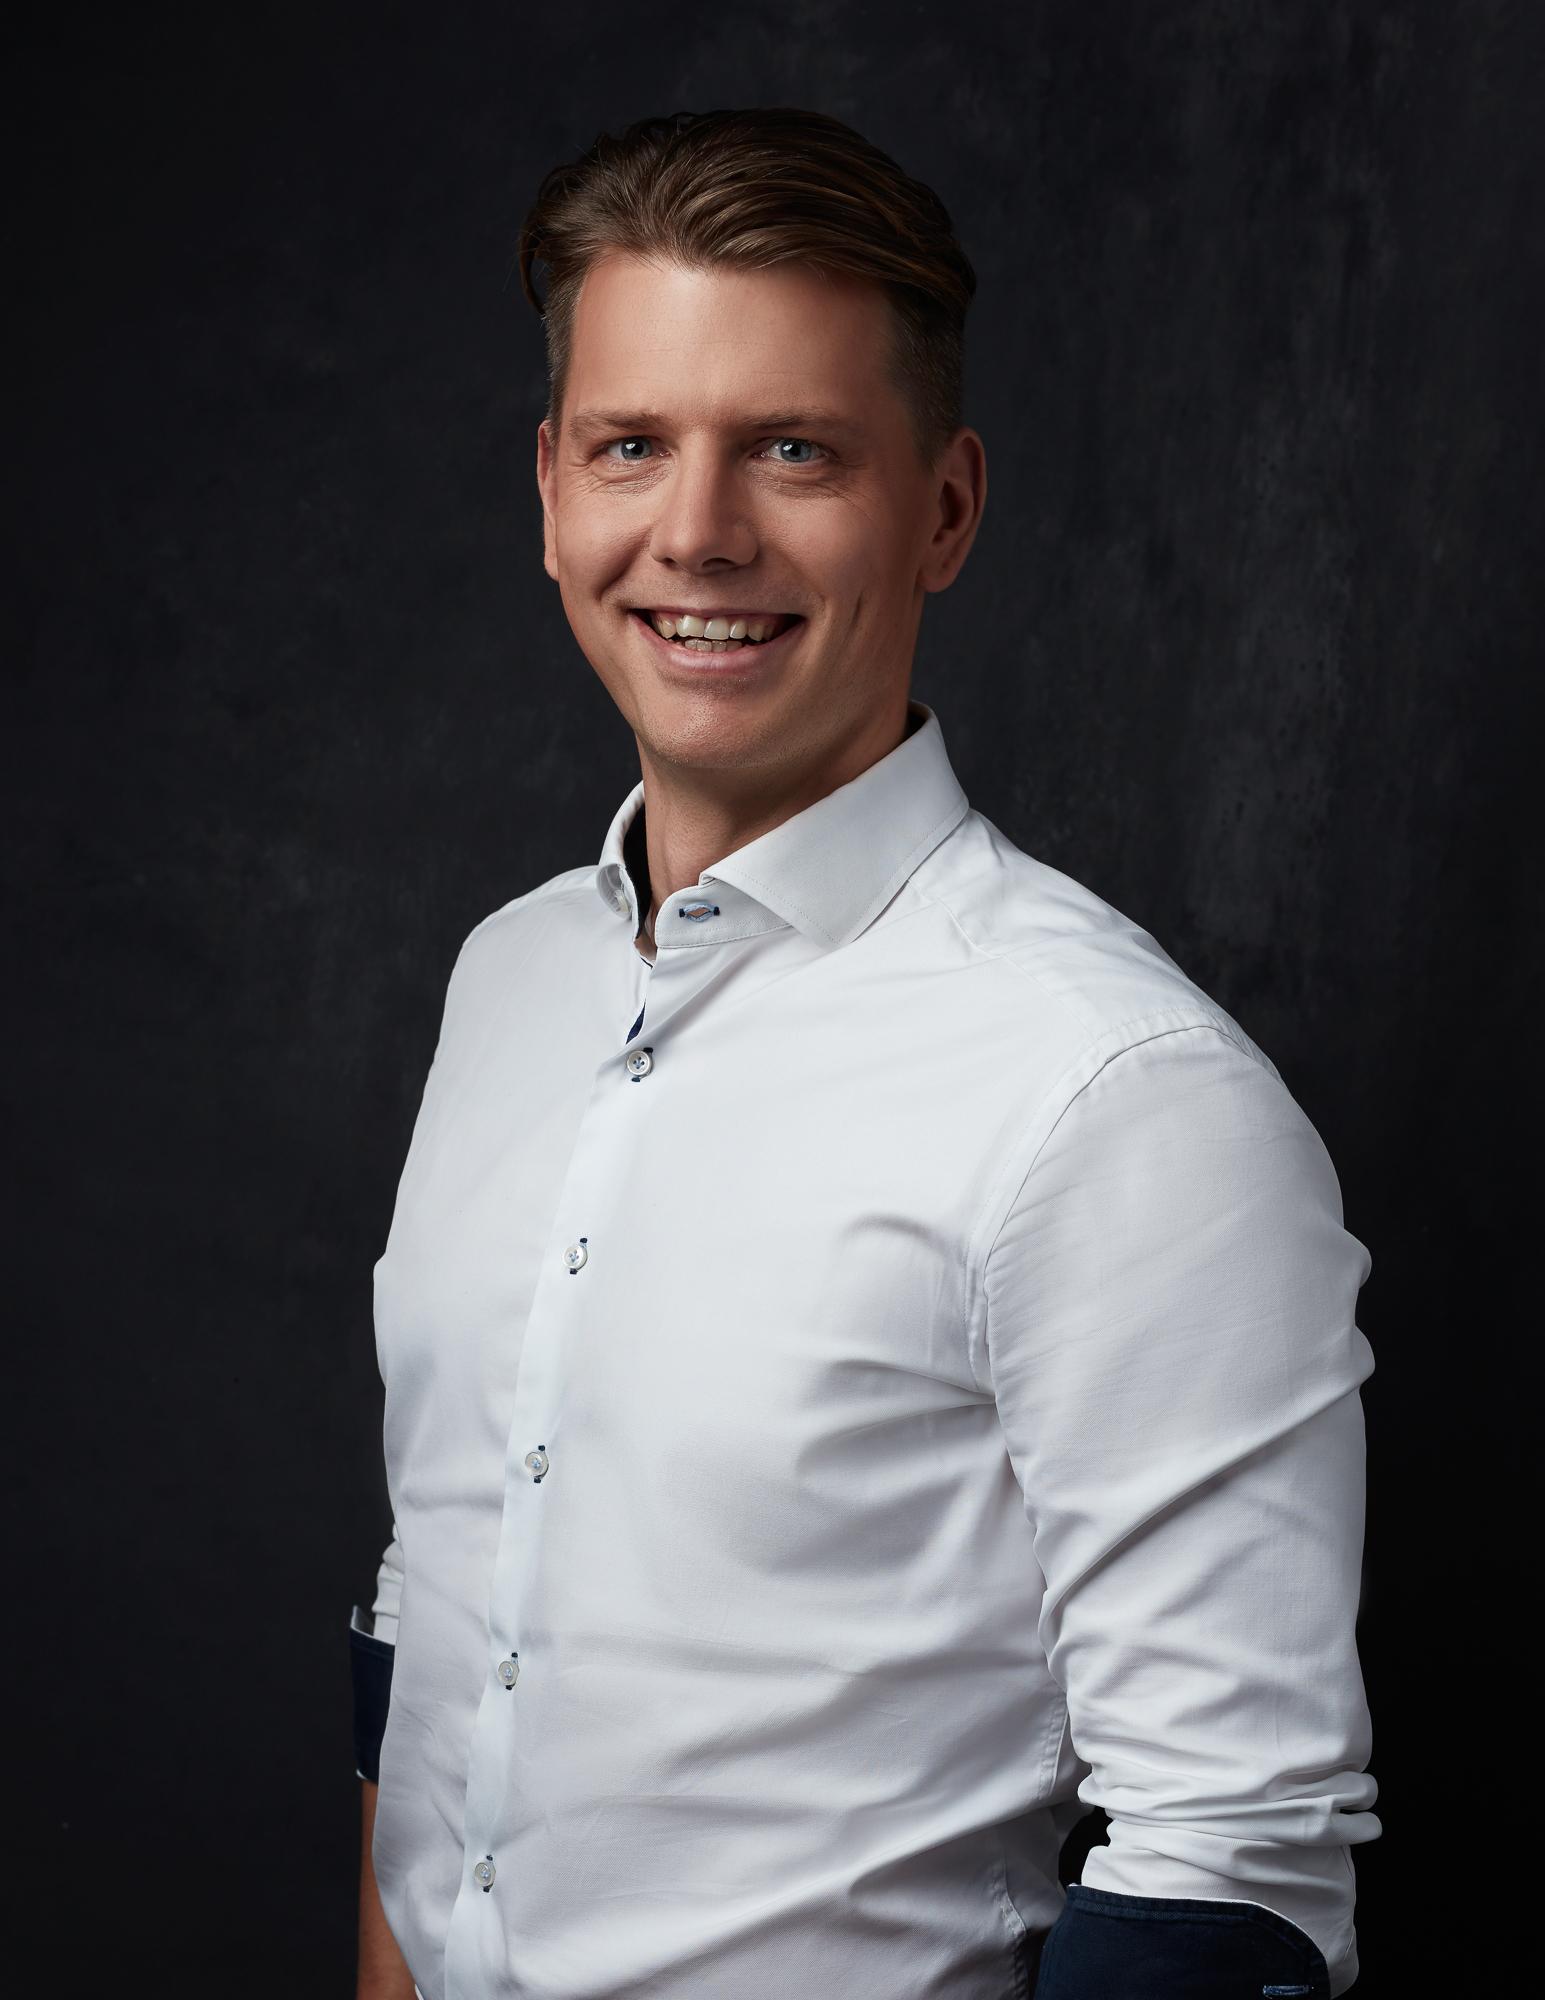 Stefan Kiesel